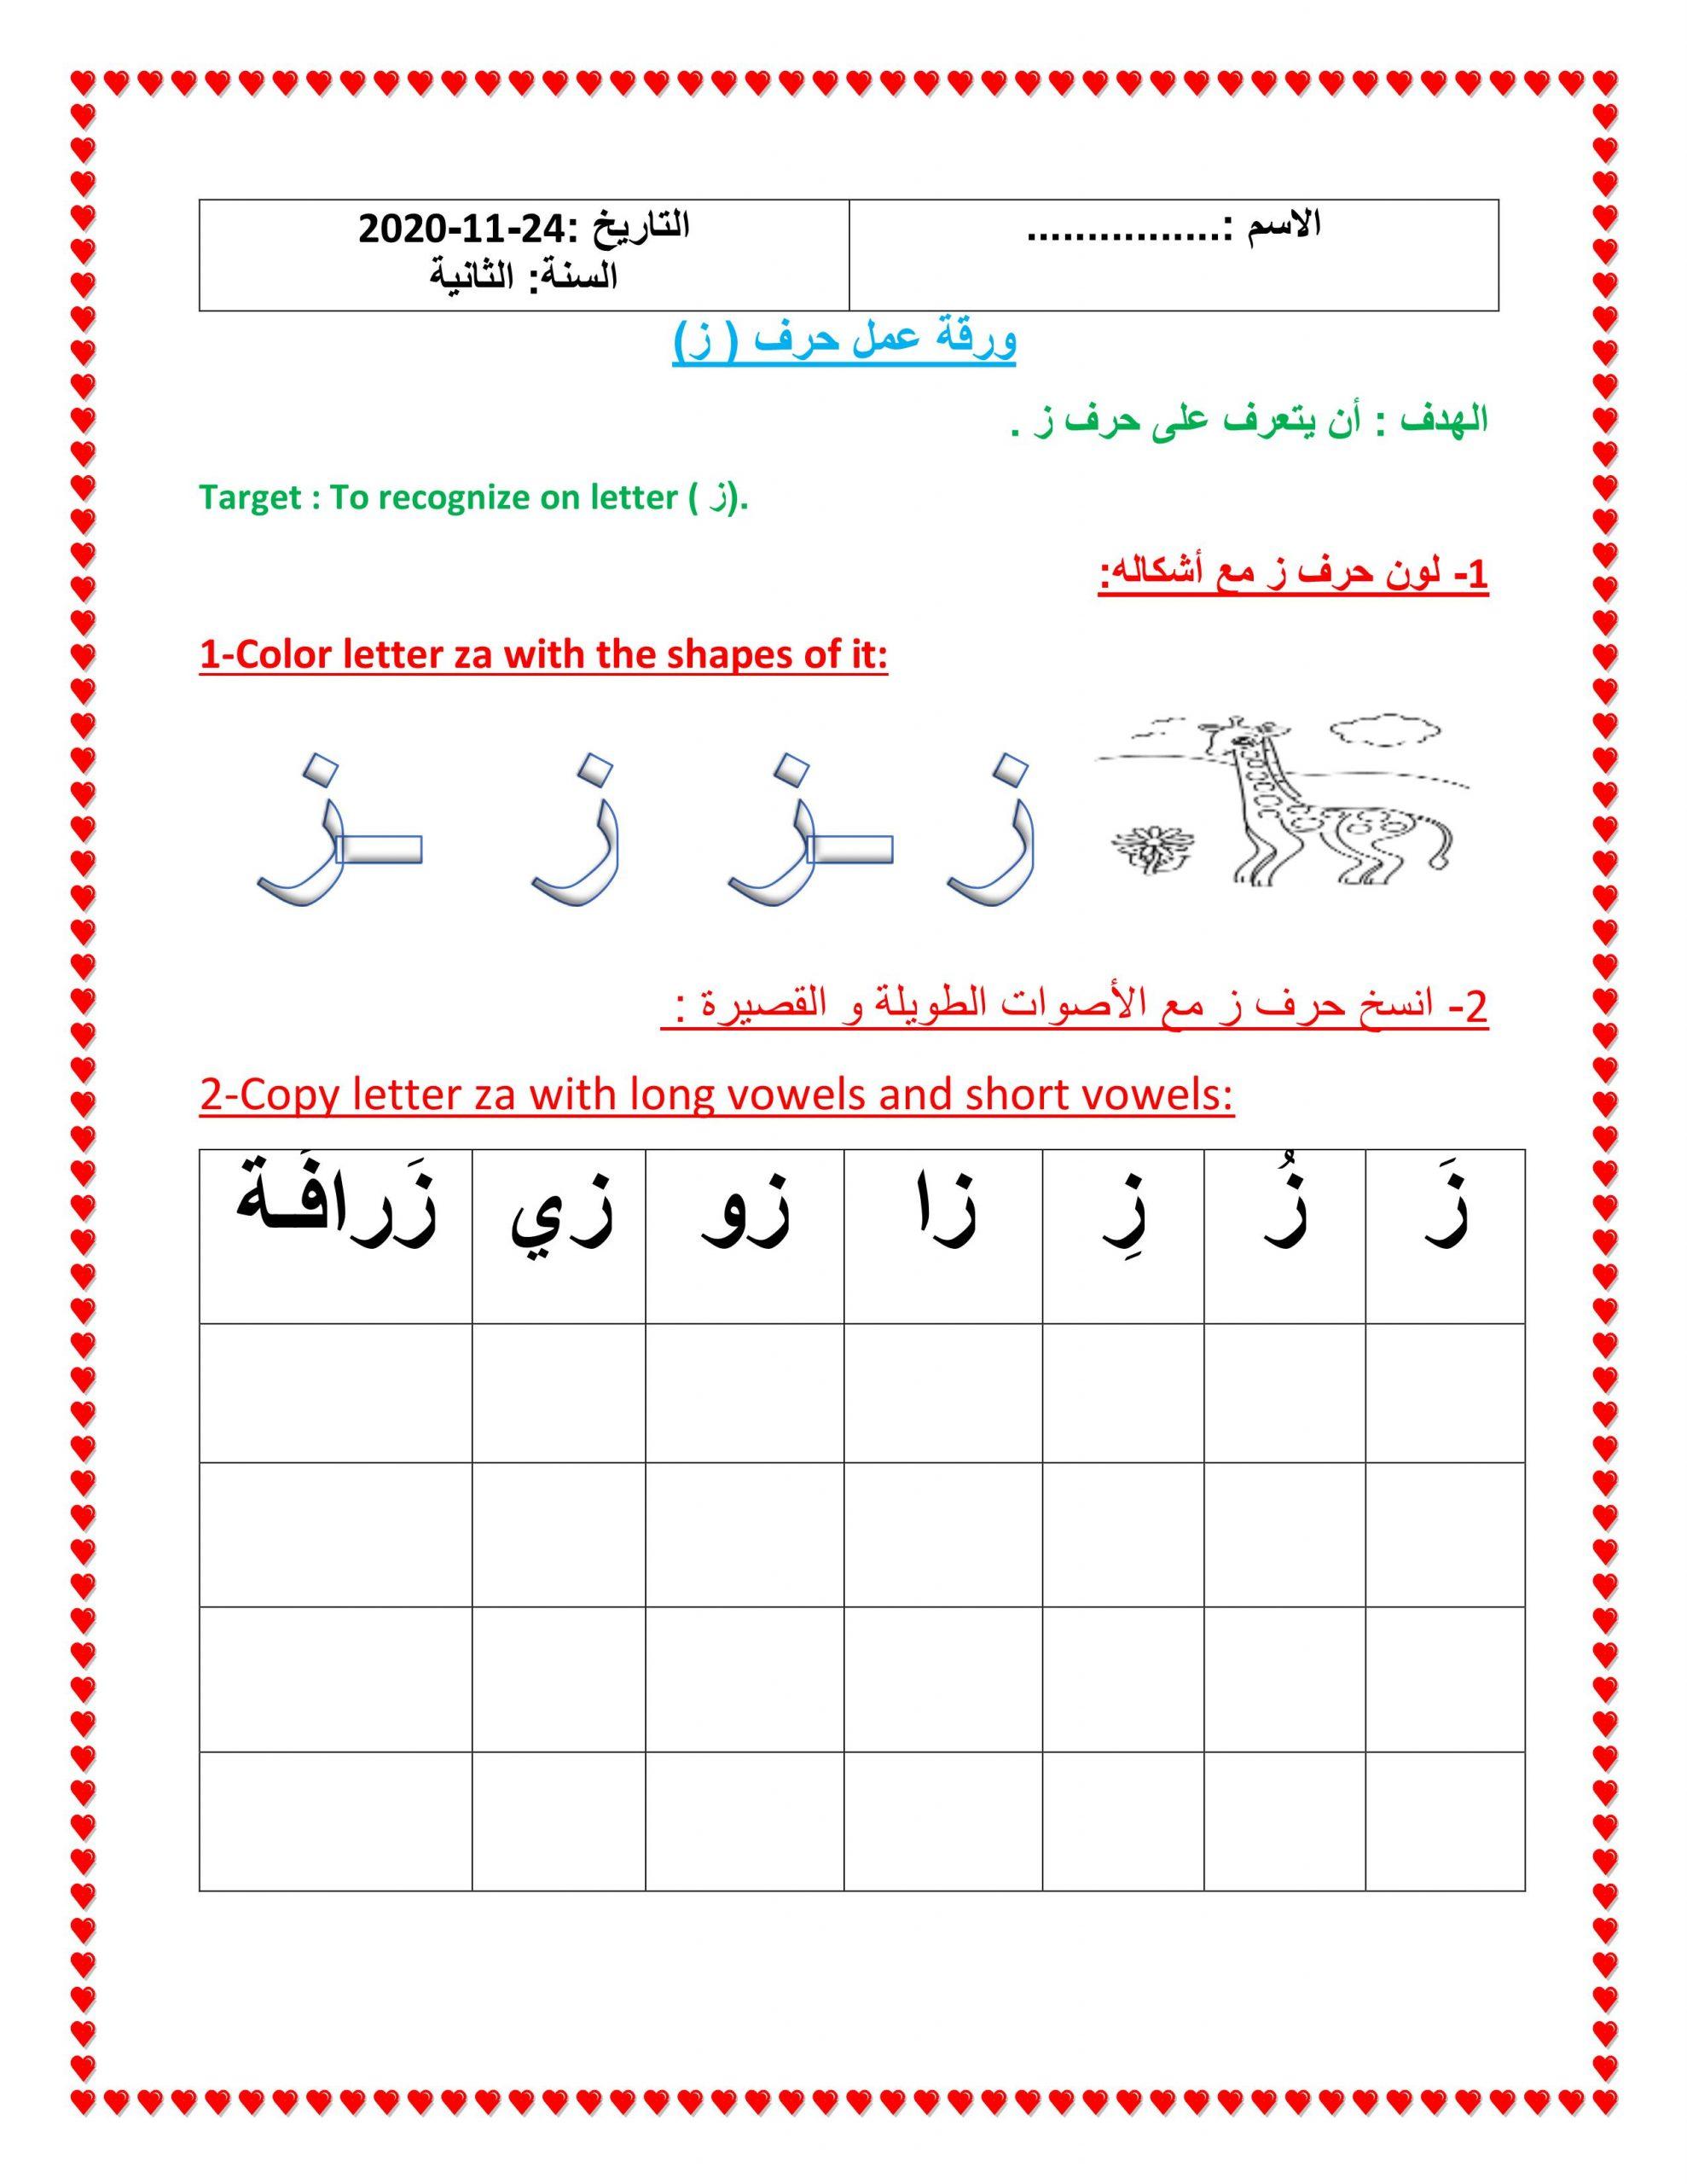 ورقة عمل حرف الزاي لغير الناطقين بها الصف الأول مادة اللغة العربية